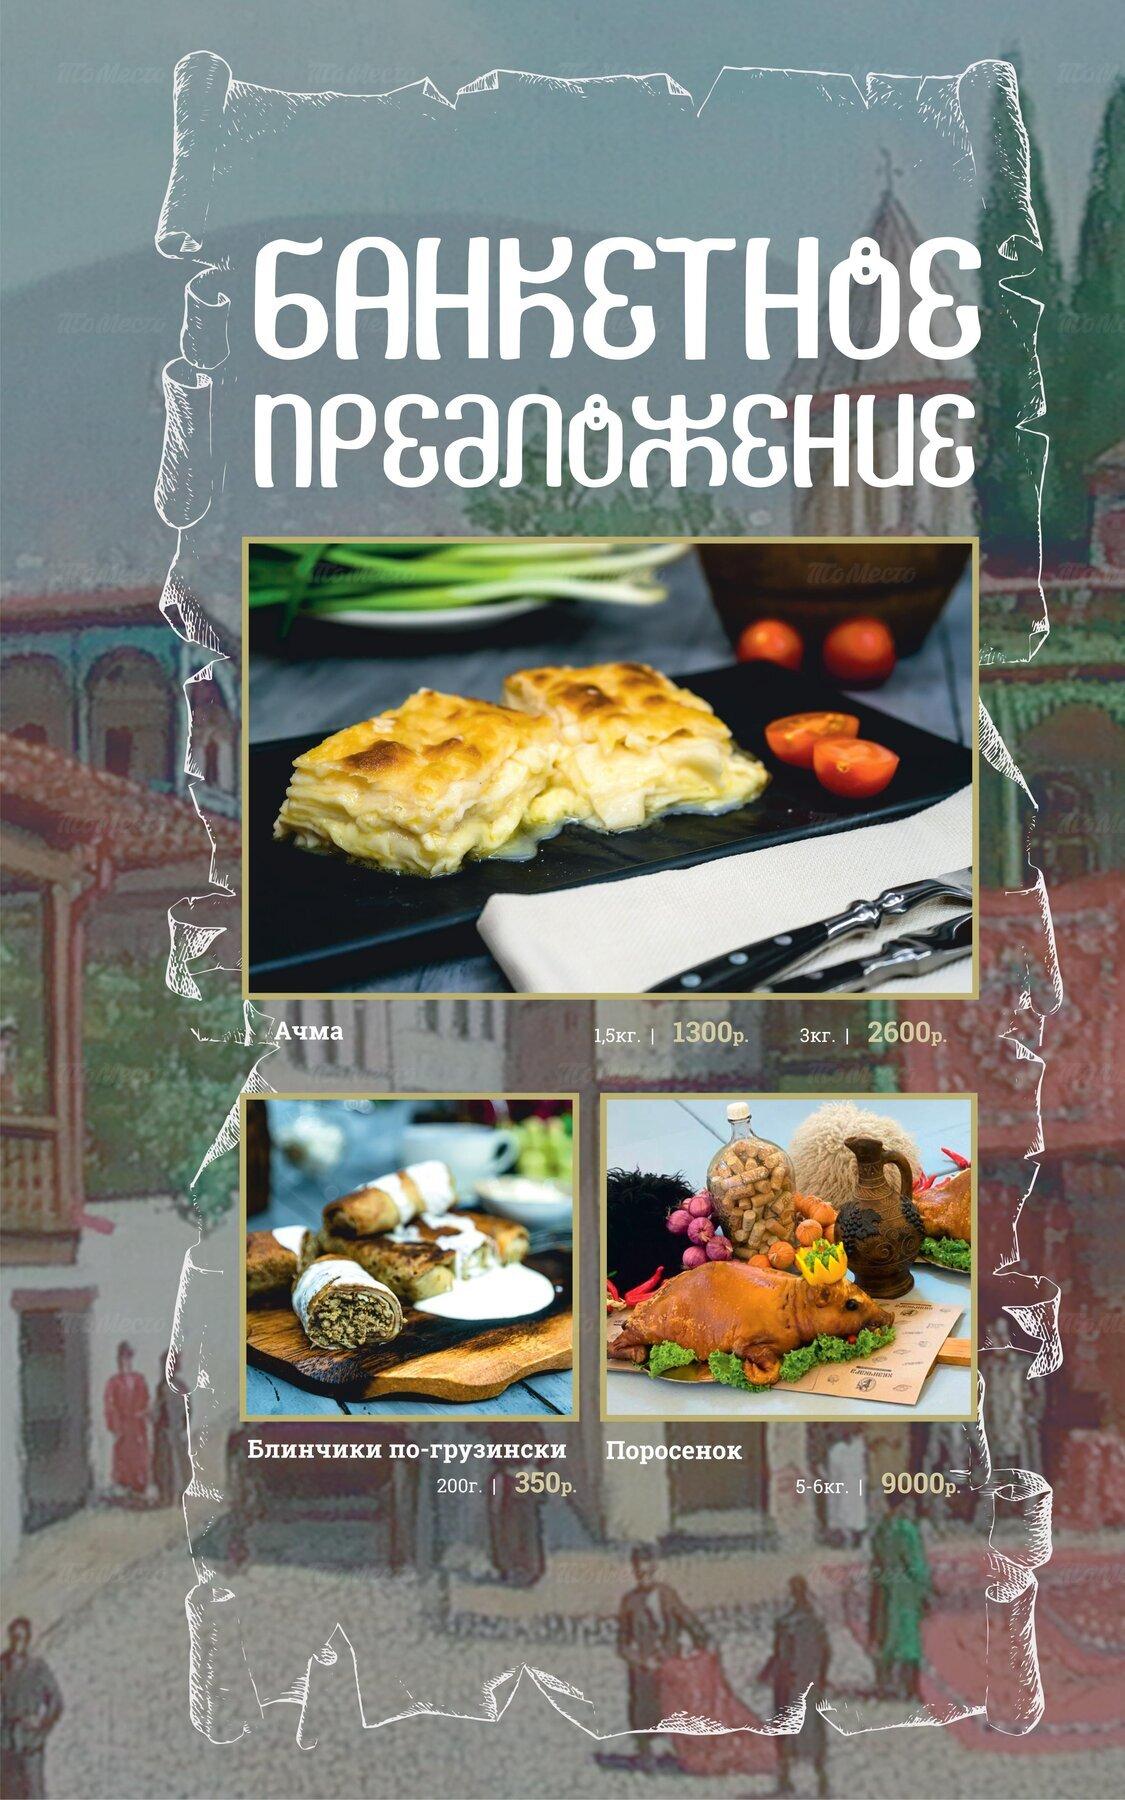 Меню ресторана Хванчкара на улице Селезнёва фото 27